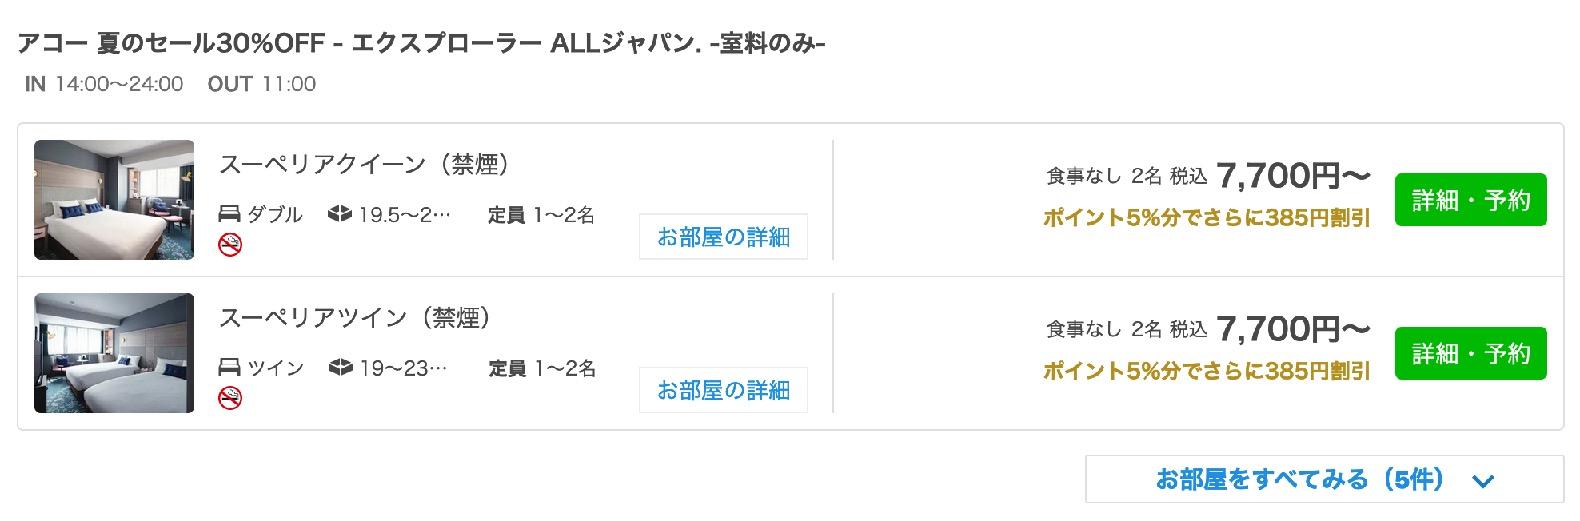 メルキュール東京銀座:宿泊費用(一休)